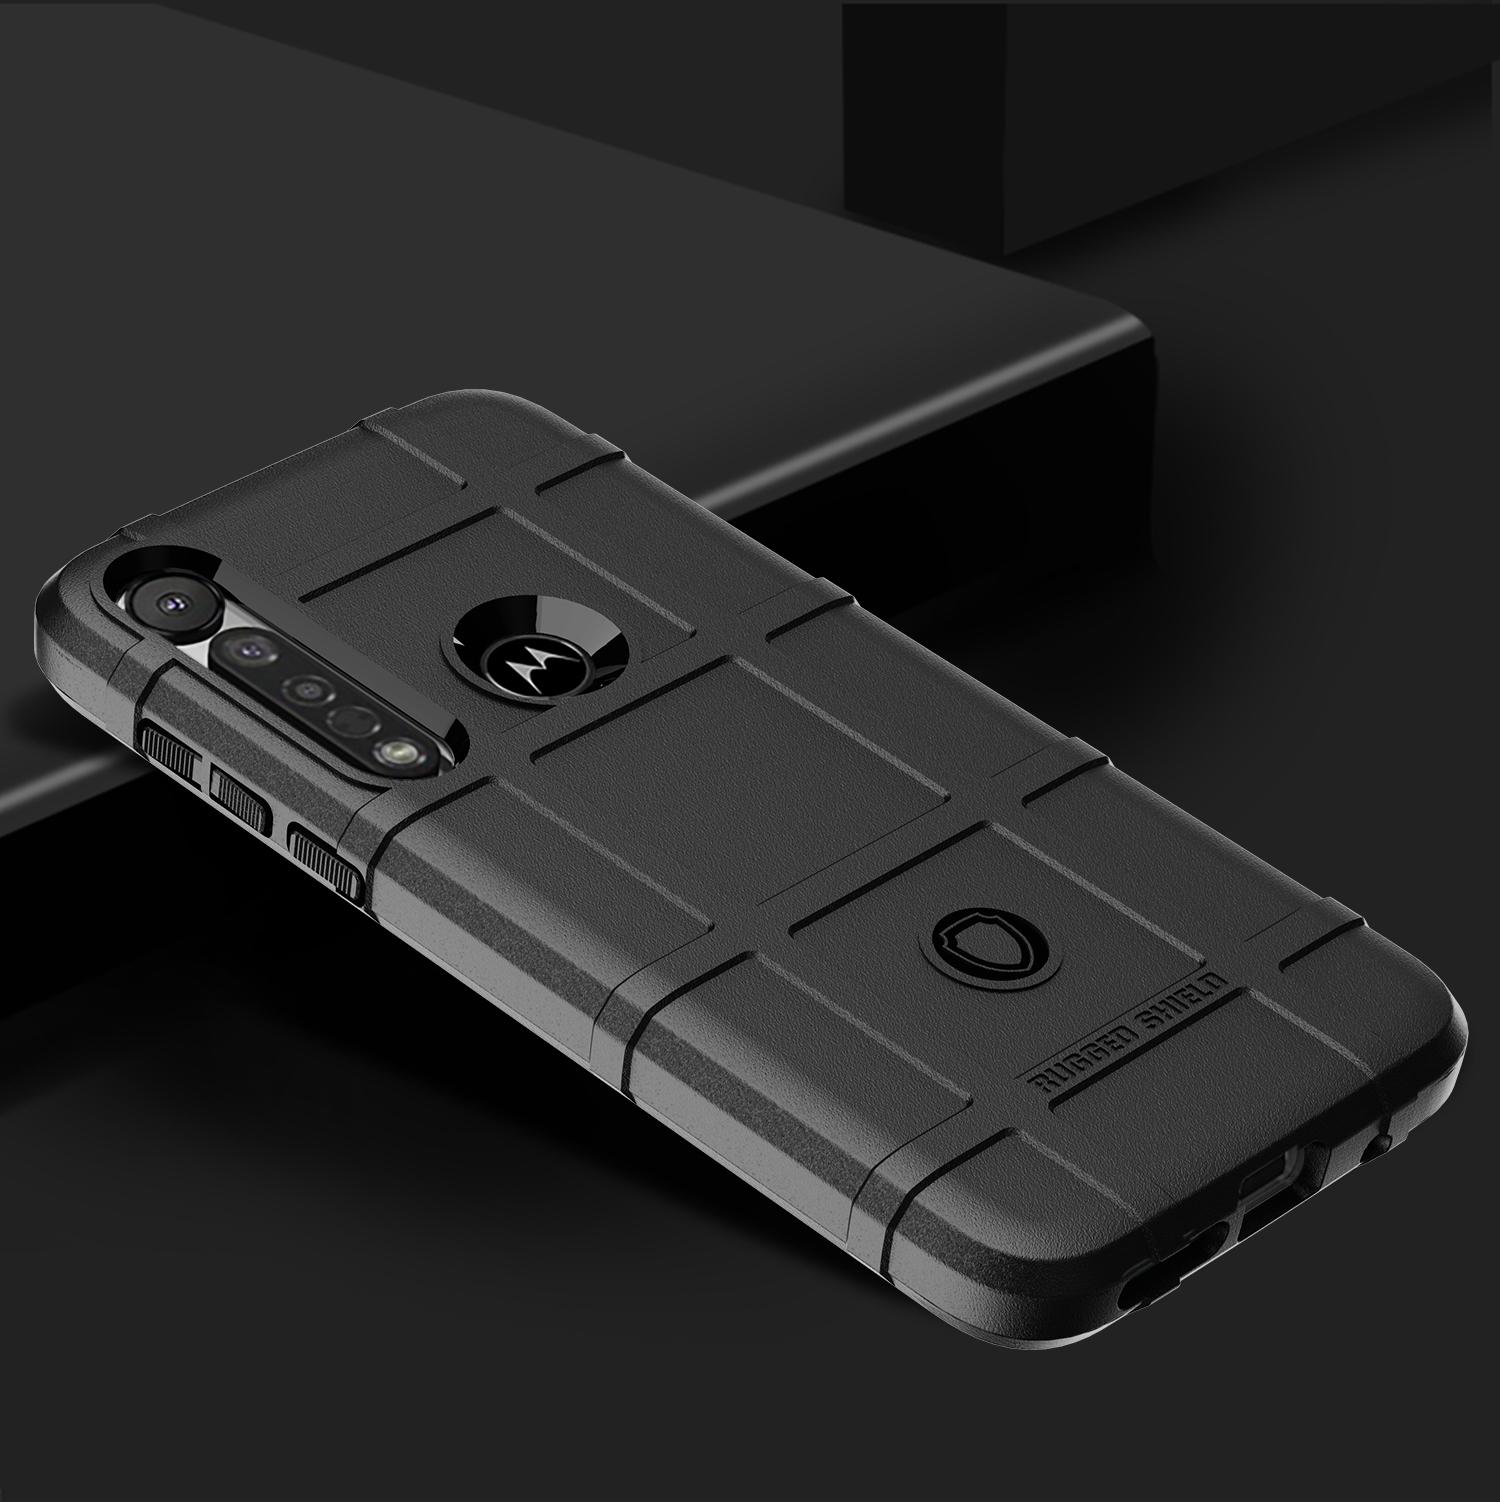 Чехол Motorola Moto G8 plus цвет Black (черный), серия Armor, Caseport